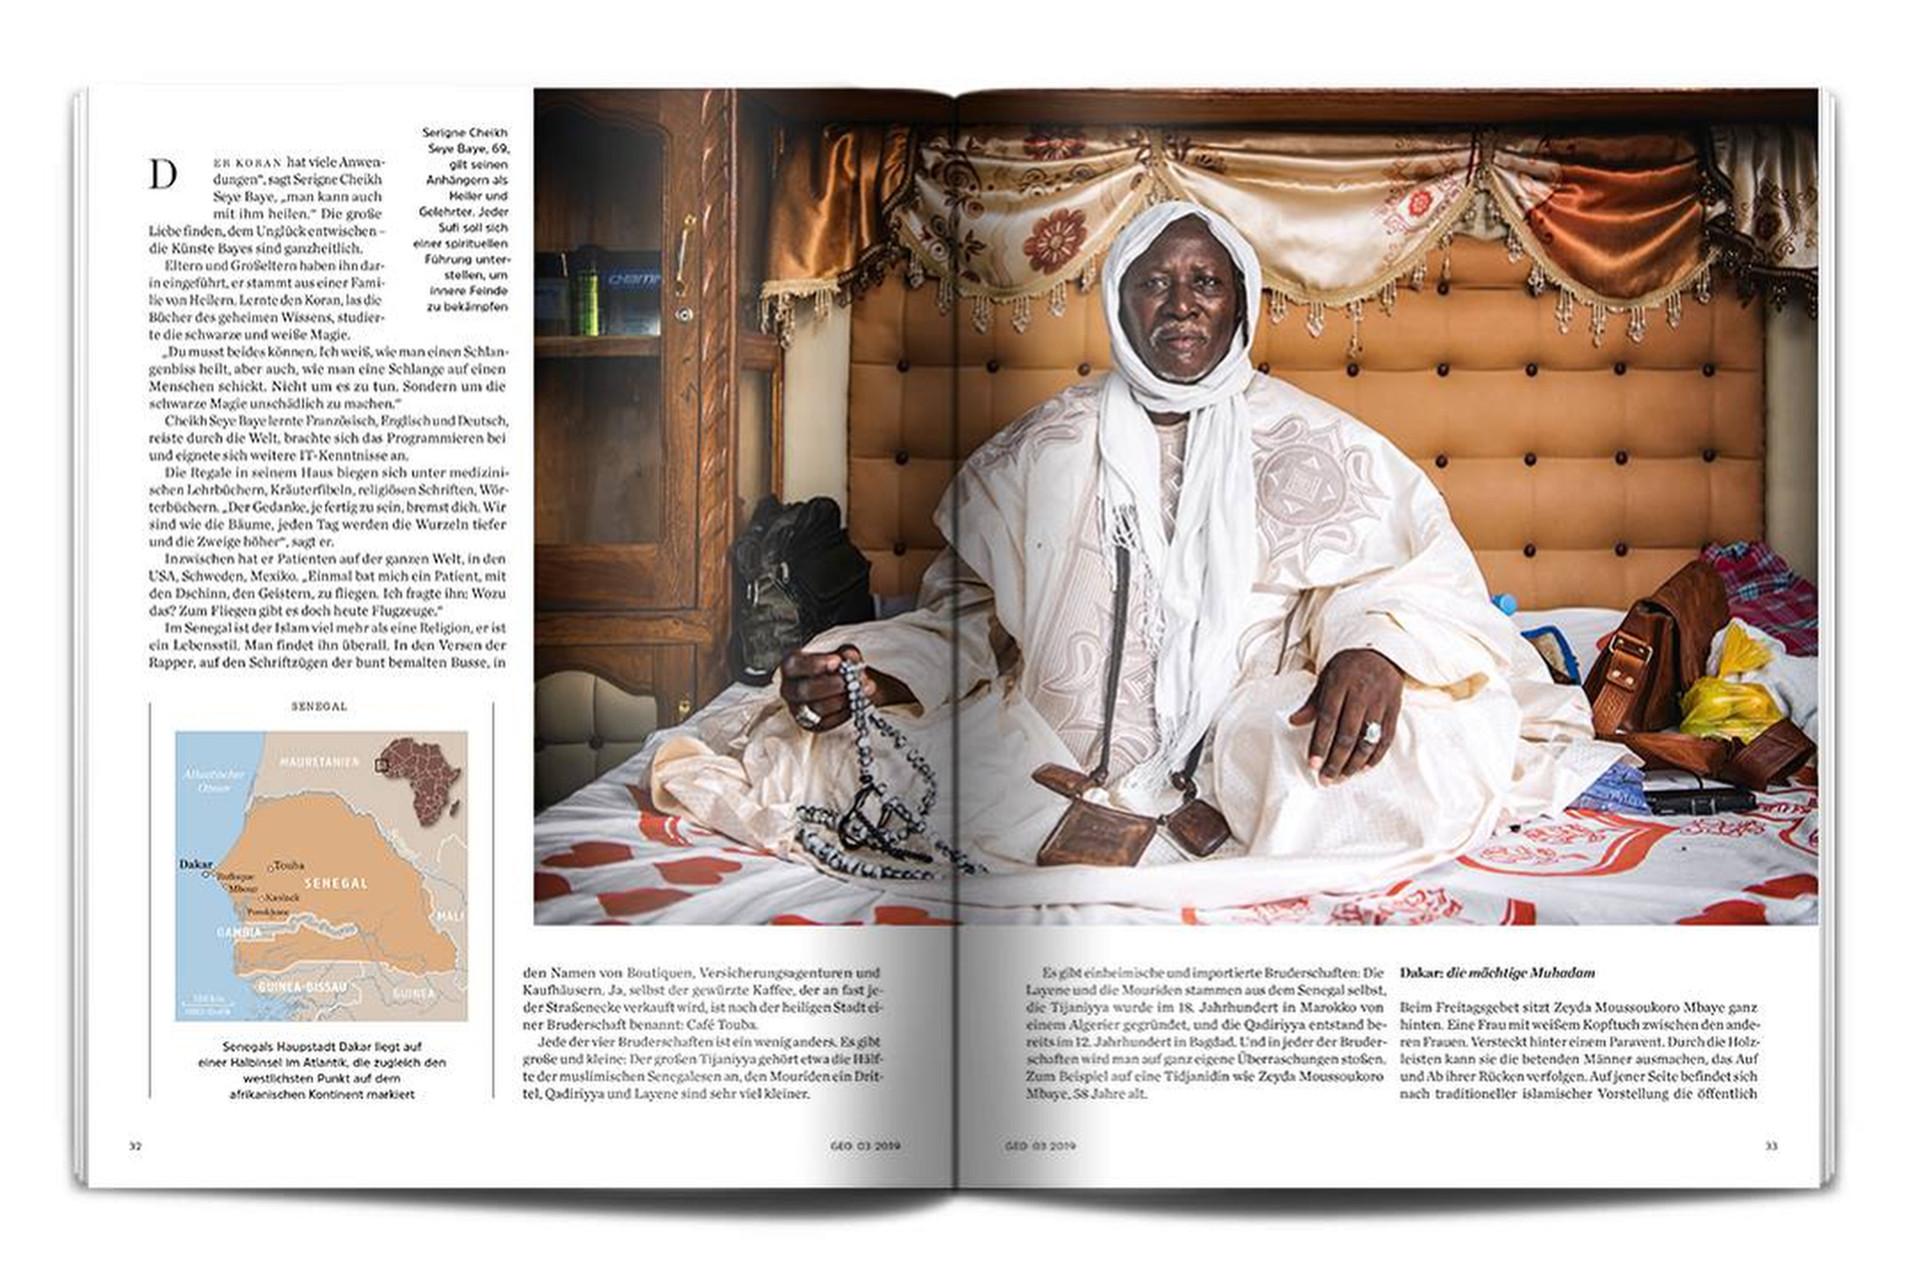 006_Sufism_Senegal.JPG